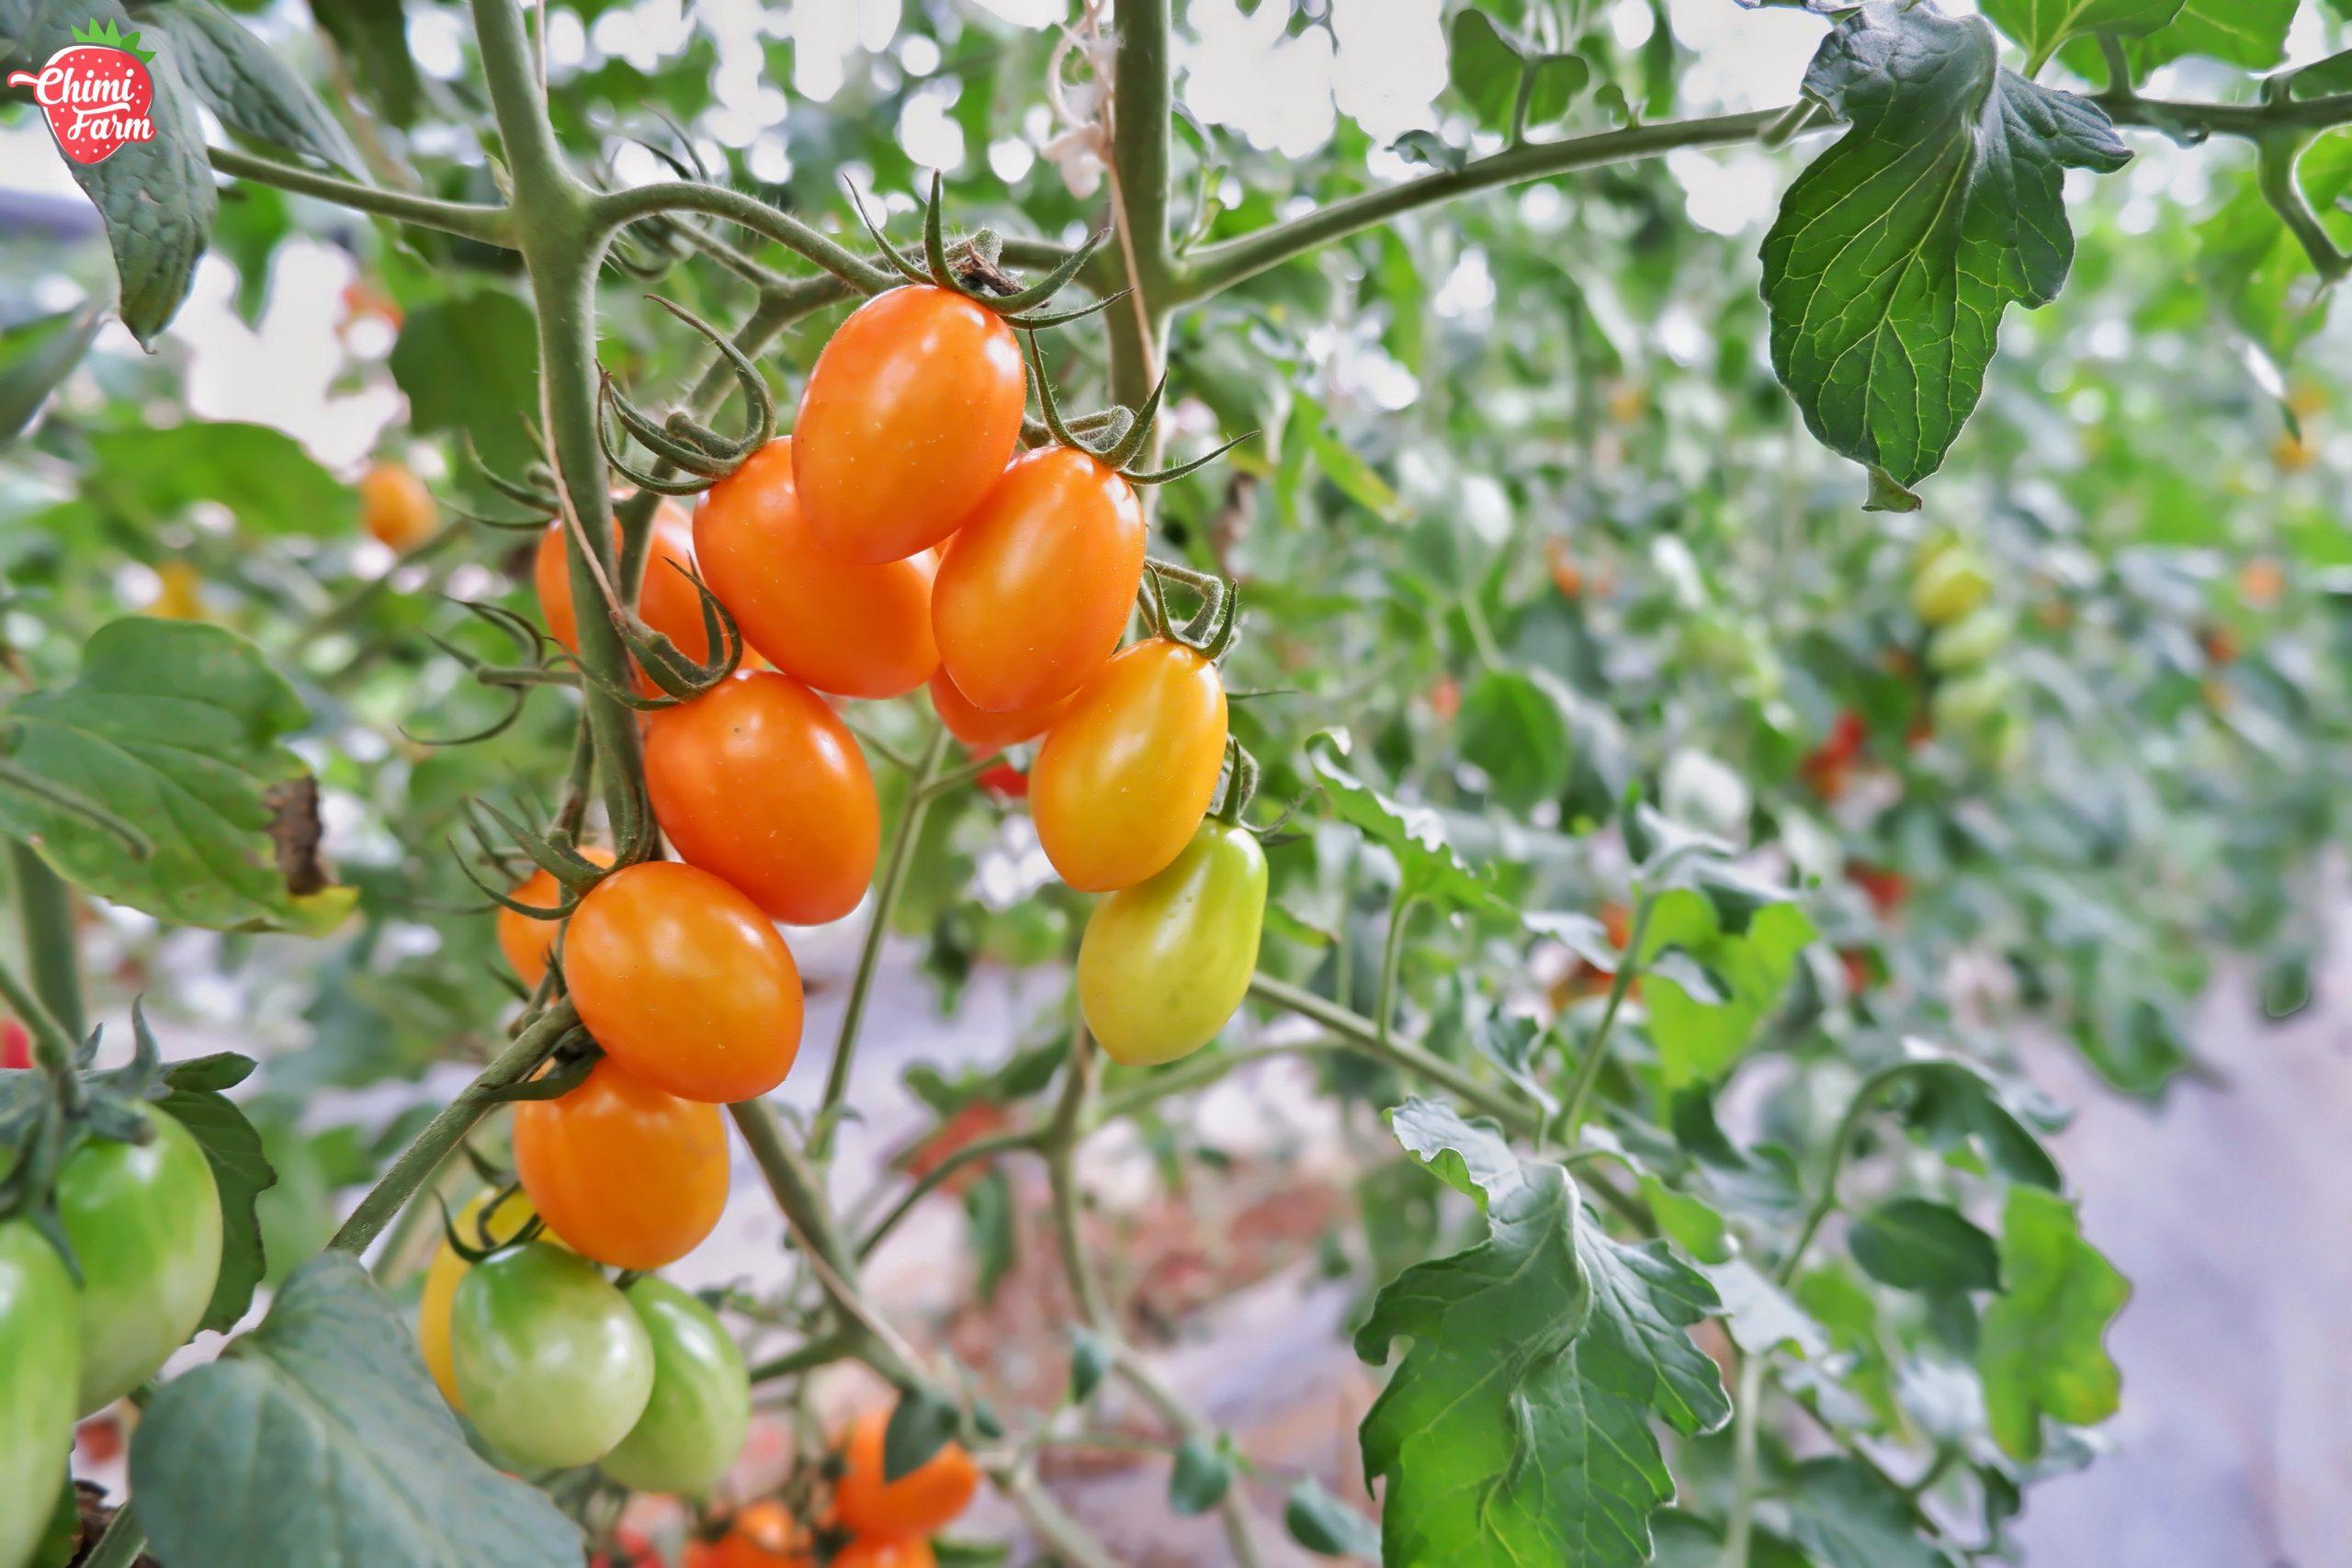 Cà chua cherry của Chimi Farm Mộc Châu